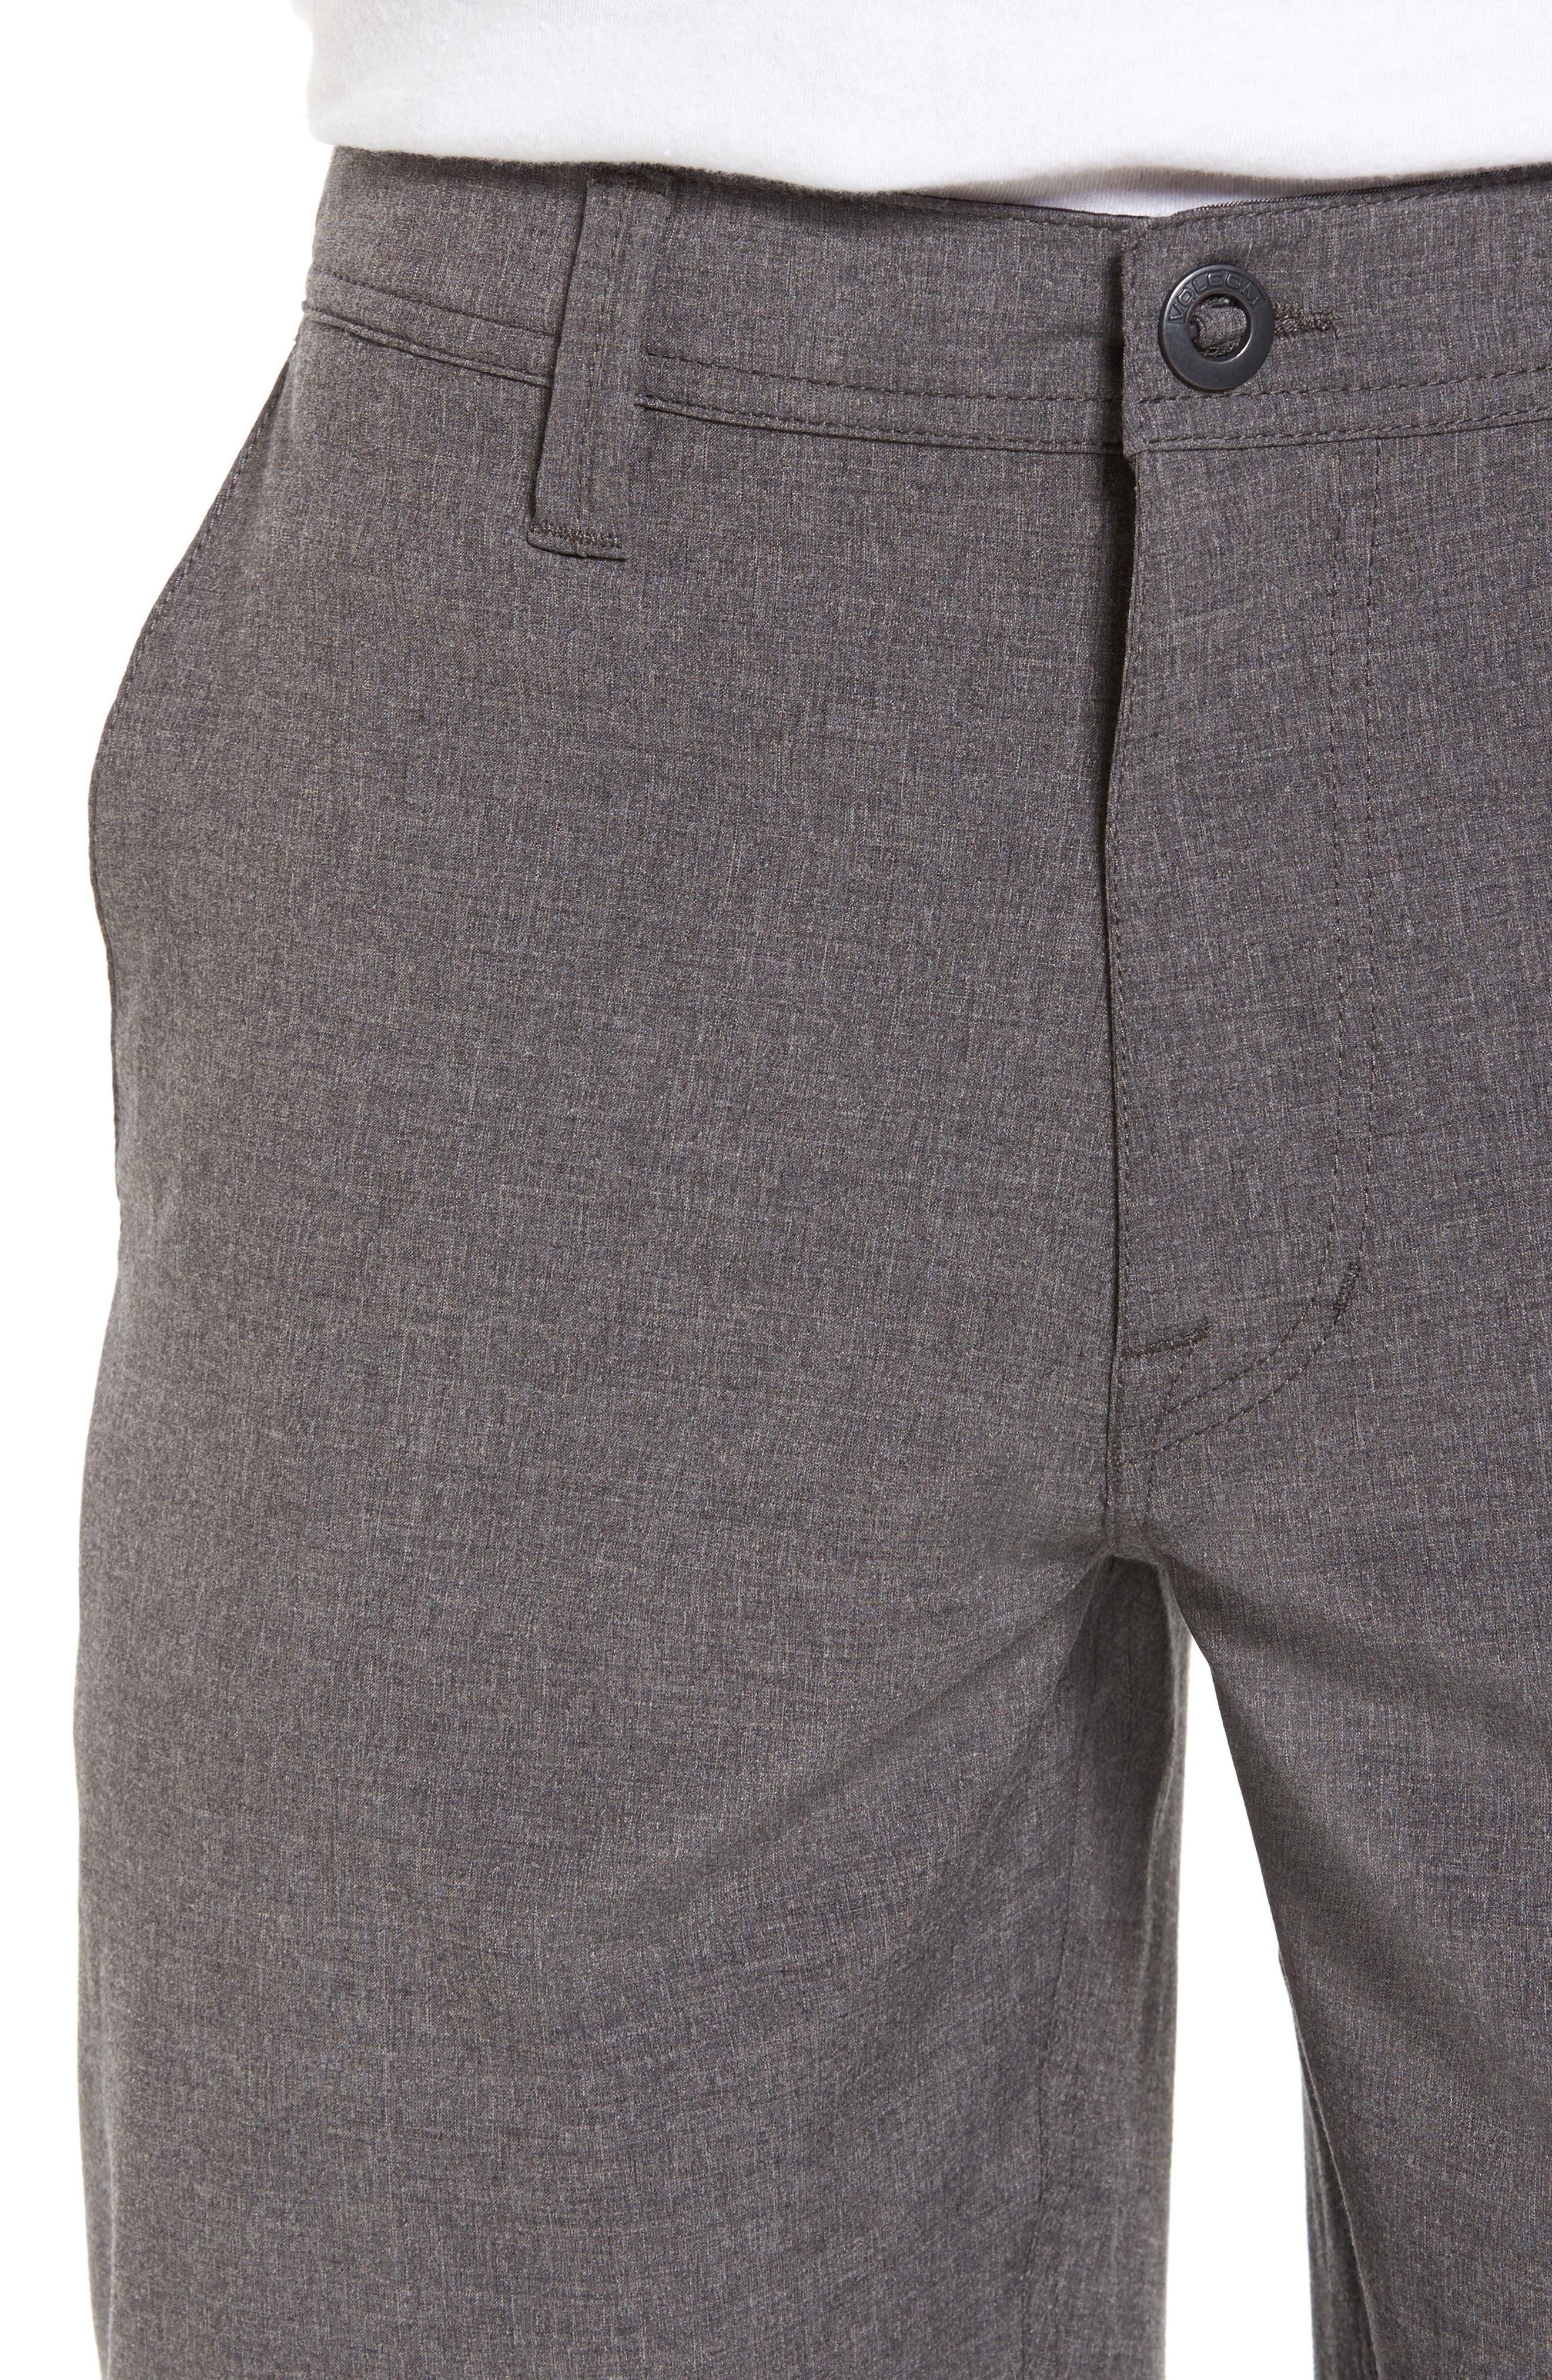 Alternate Image 4  - Volcom Hybrid Shorts